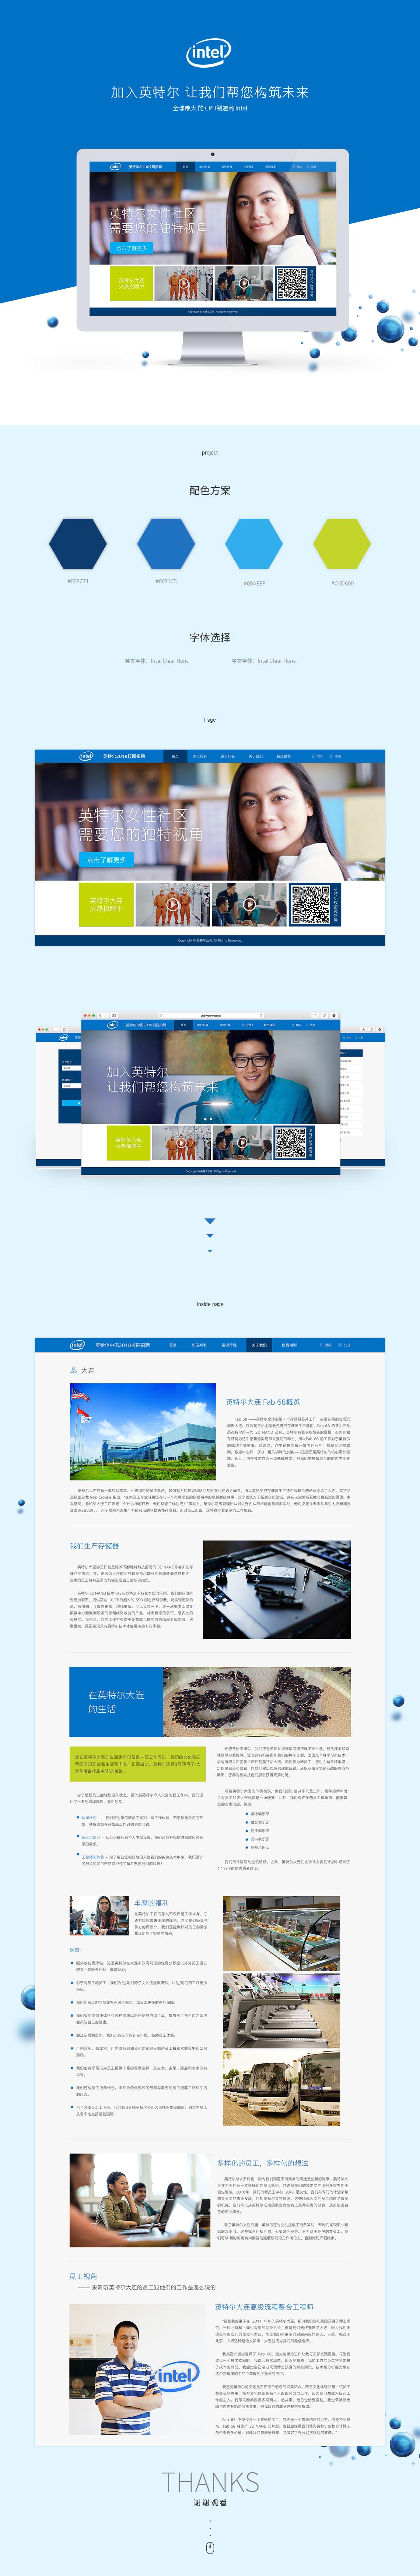 公司網站設計案例之英特爾